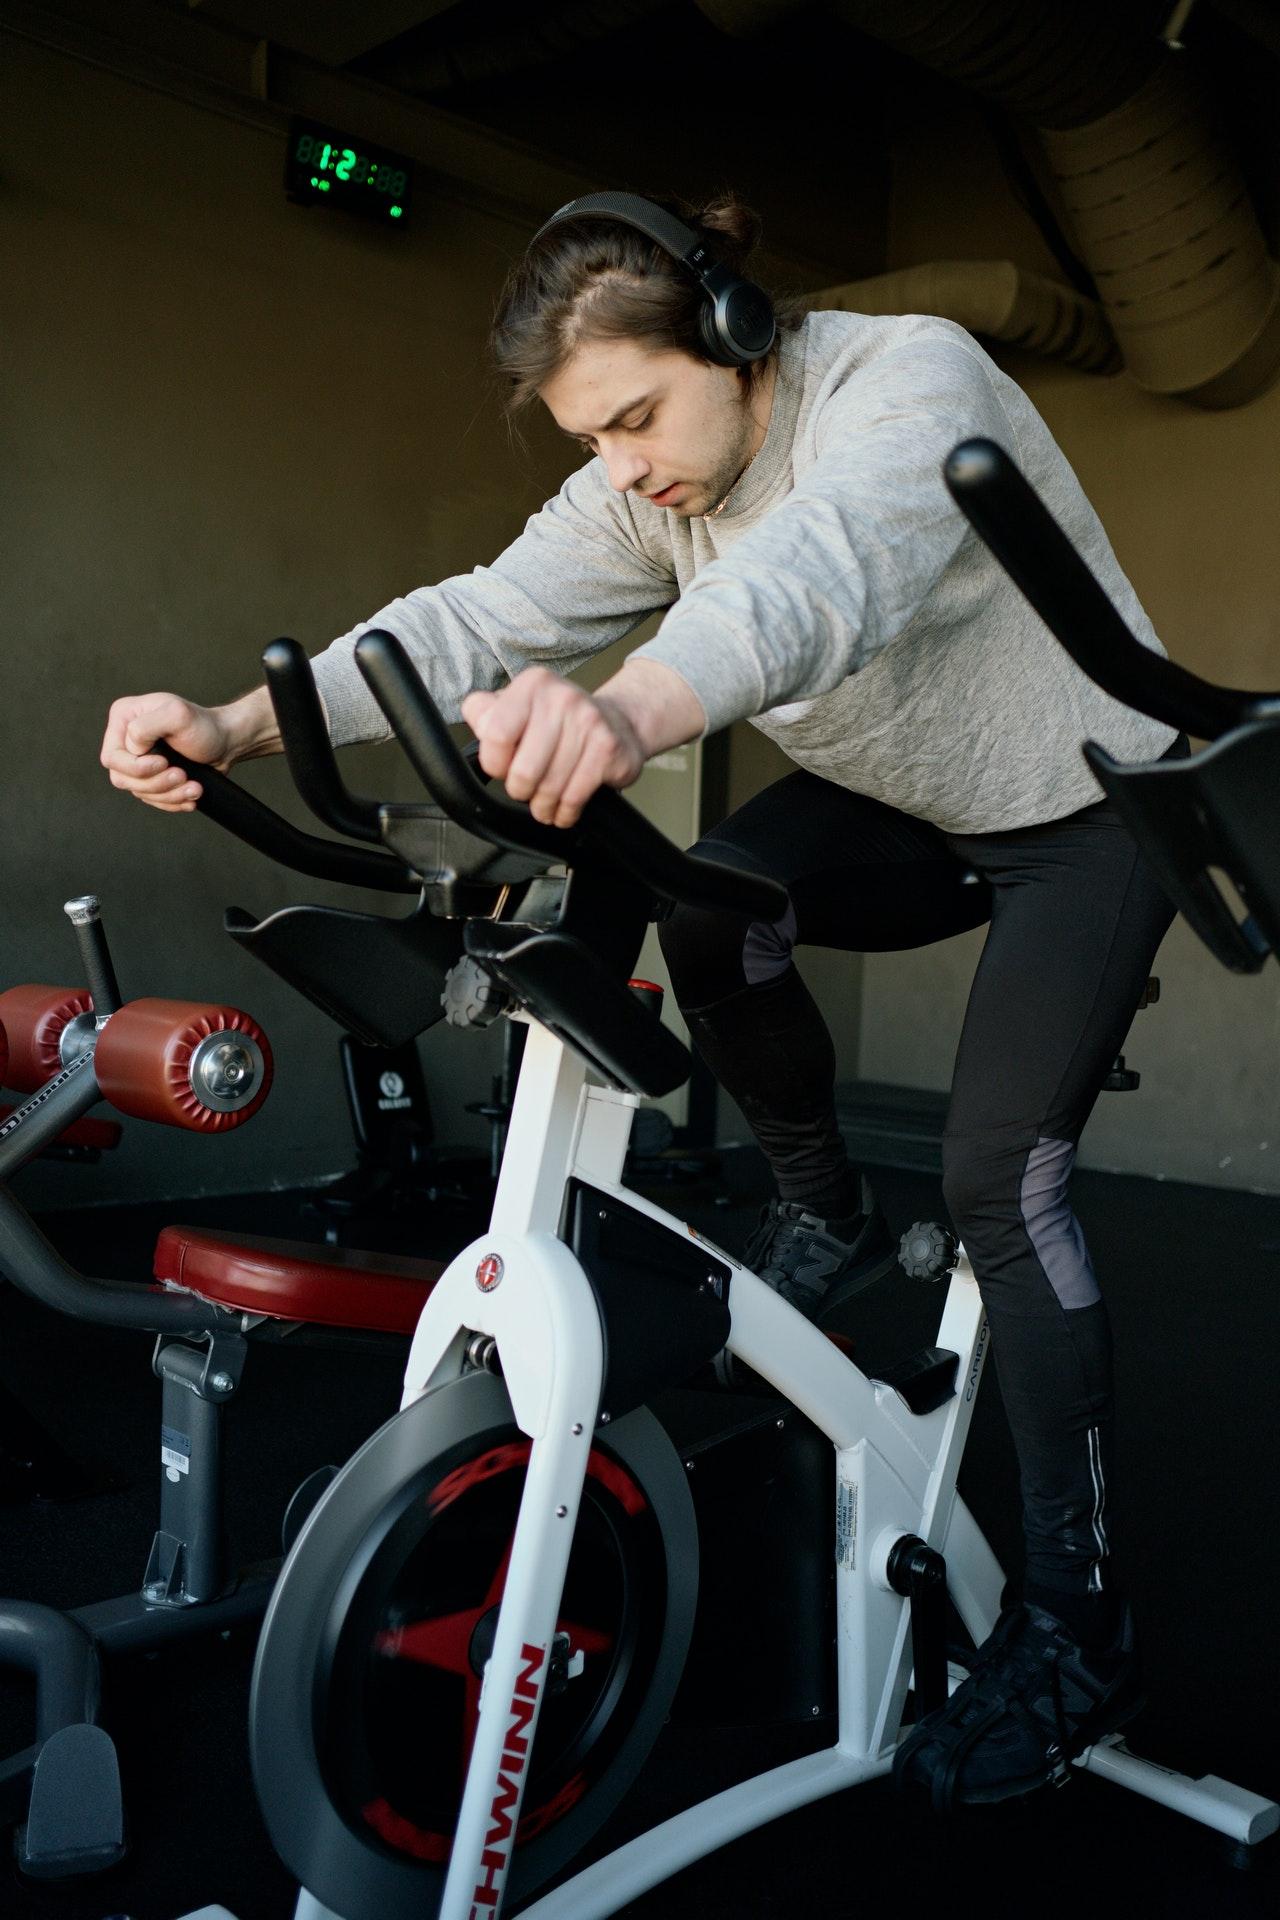 Der Aufbau eines Ergometers ähnelt stark dem eines Fahrrads.